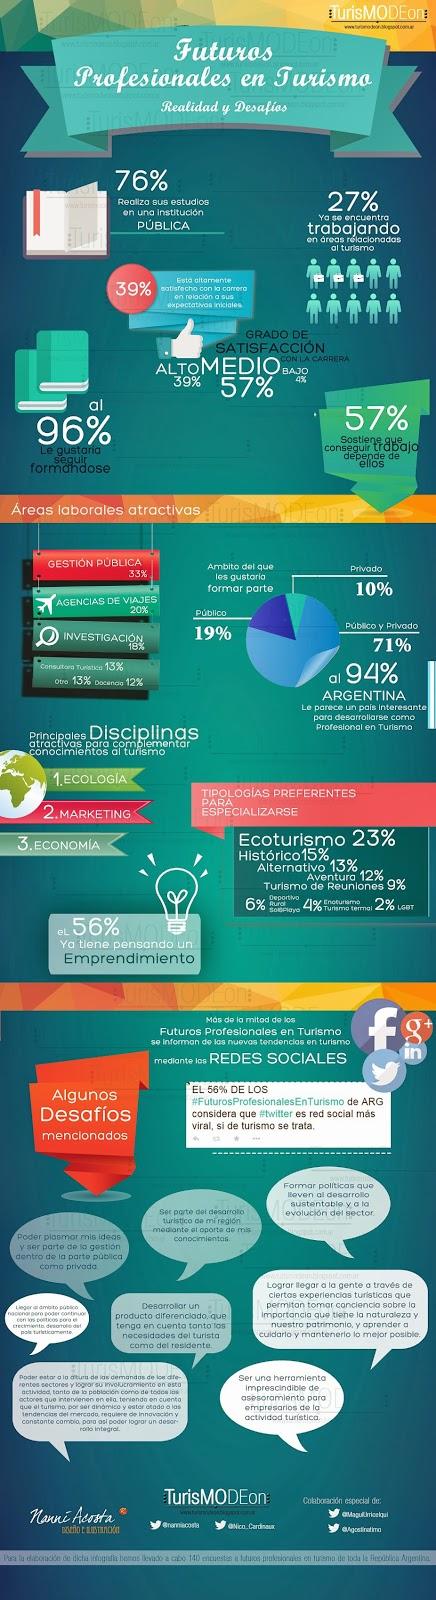 Cómo serán los futuros profesionales de turismo en Argentina